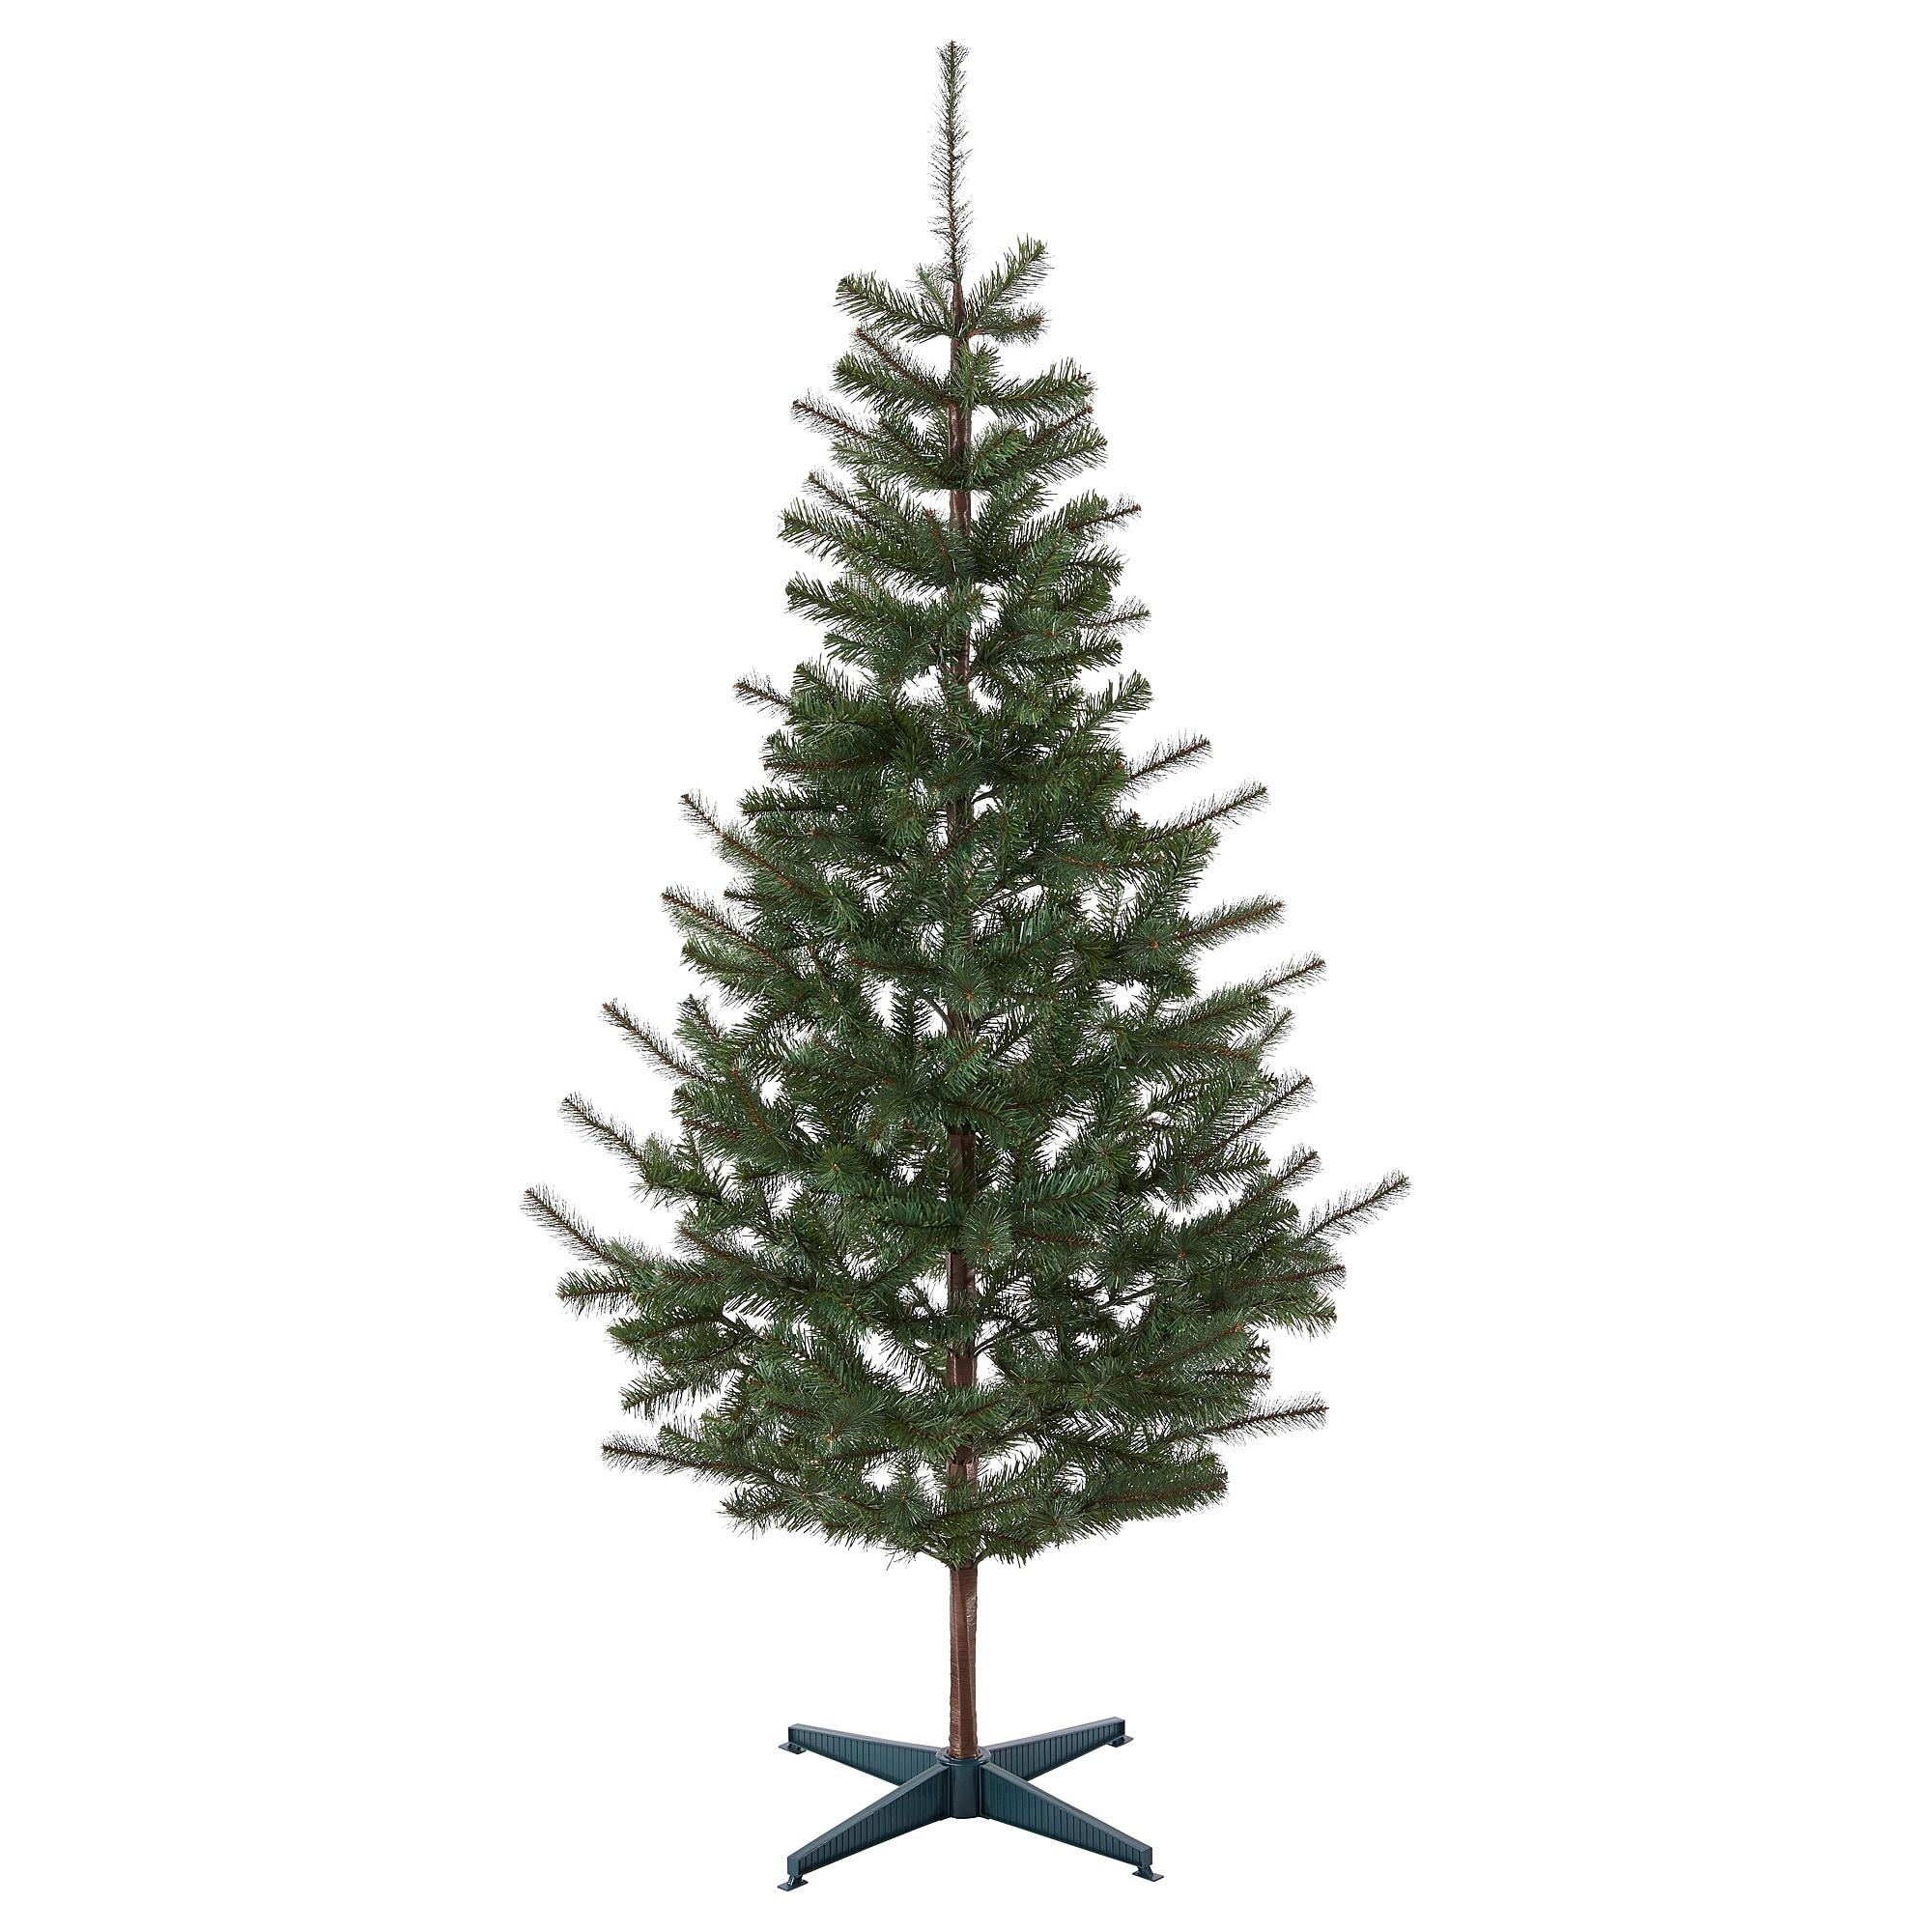 Растение искусственное ФЕЙКА артикуль № 003.948.70 в наличии. Онлайн сайт IKEA РБ. Быстрая доставка и соборка.